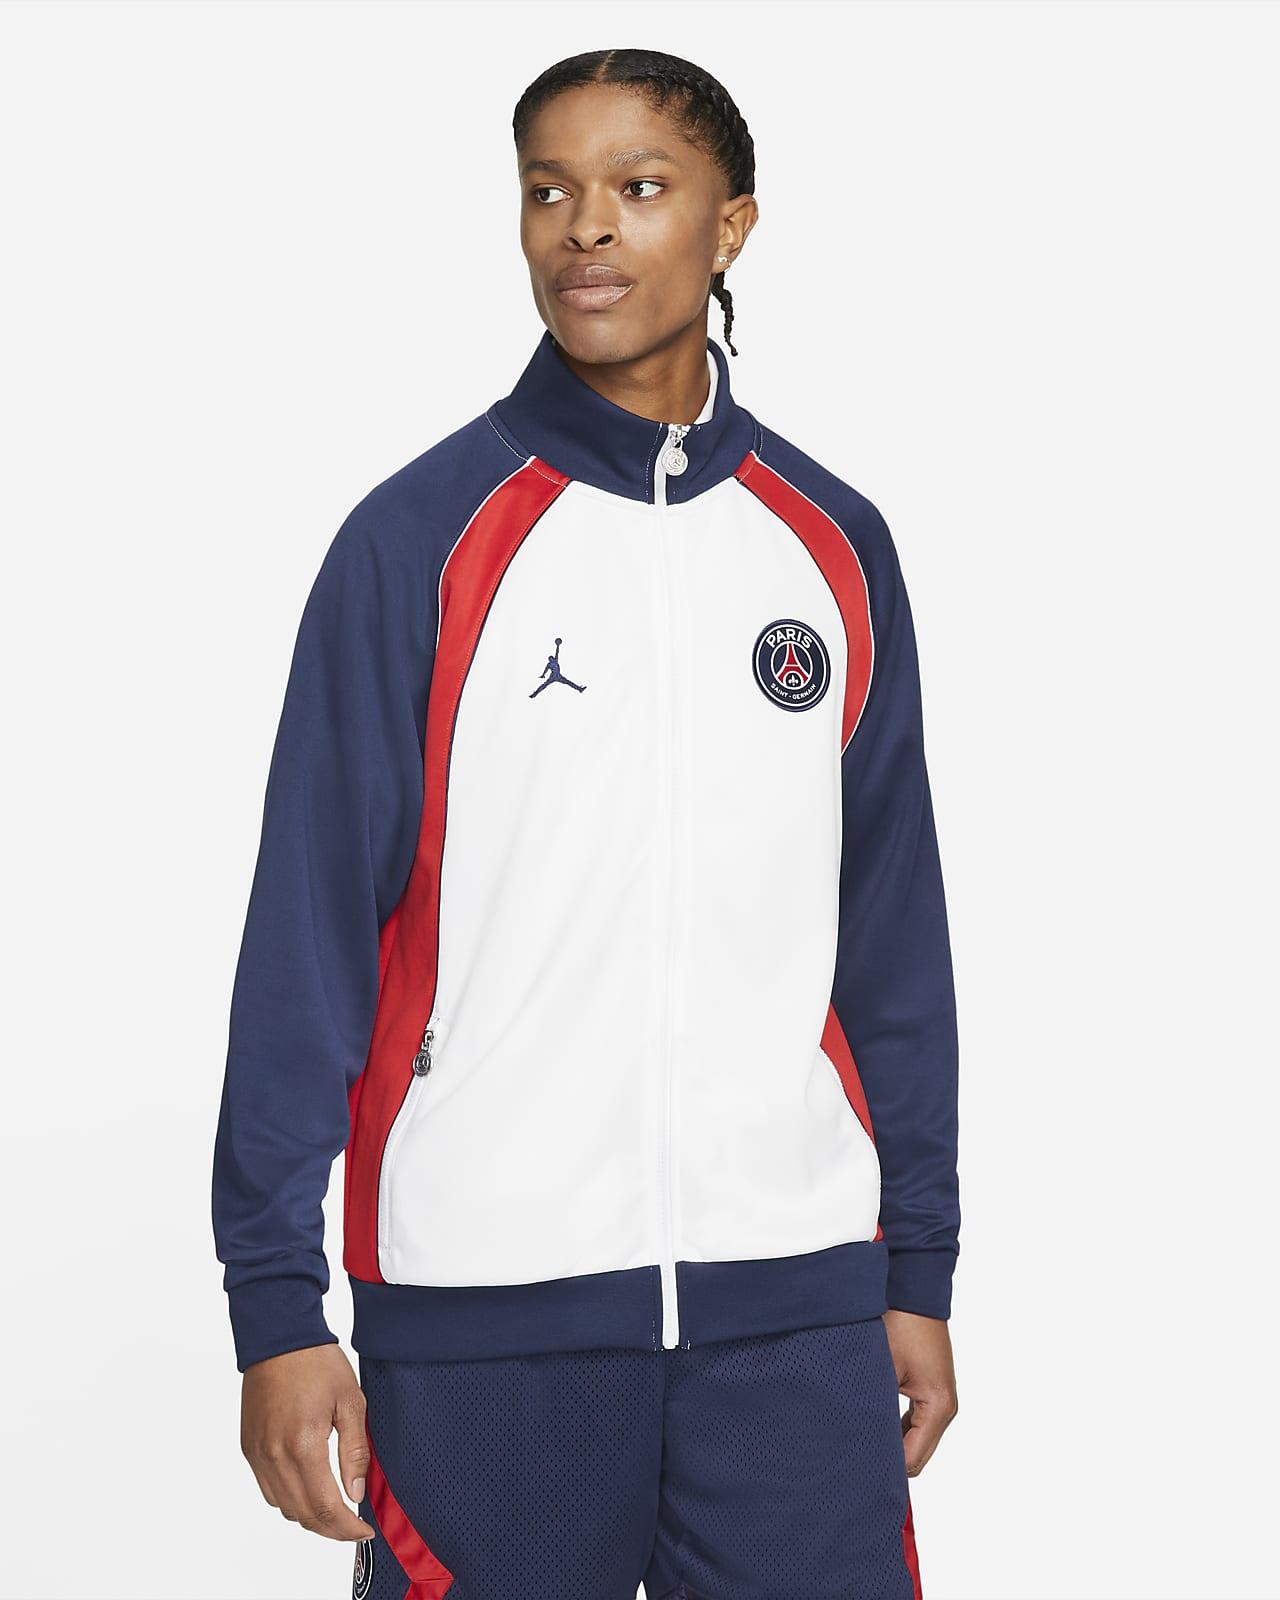 Мужская куртка для церемоний 2.0 Paris Saint-Germain